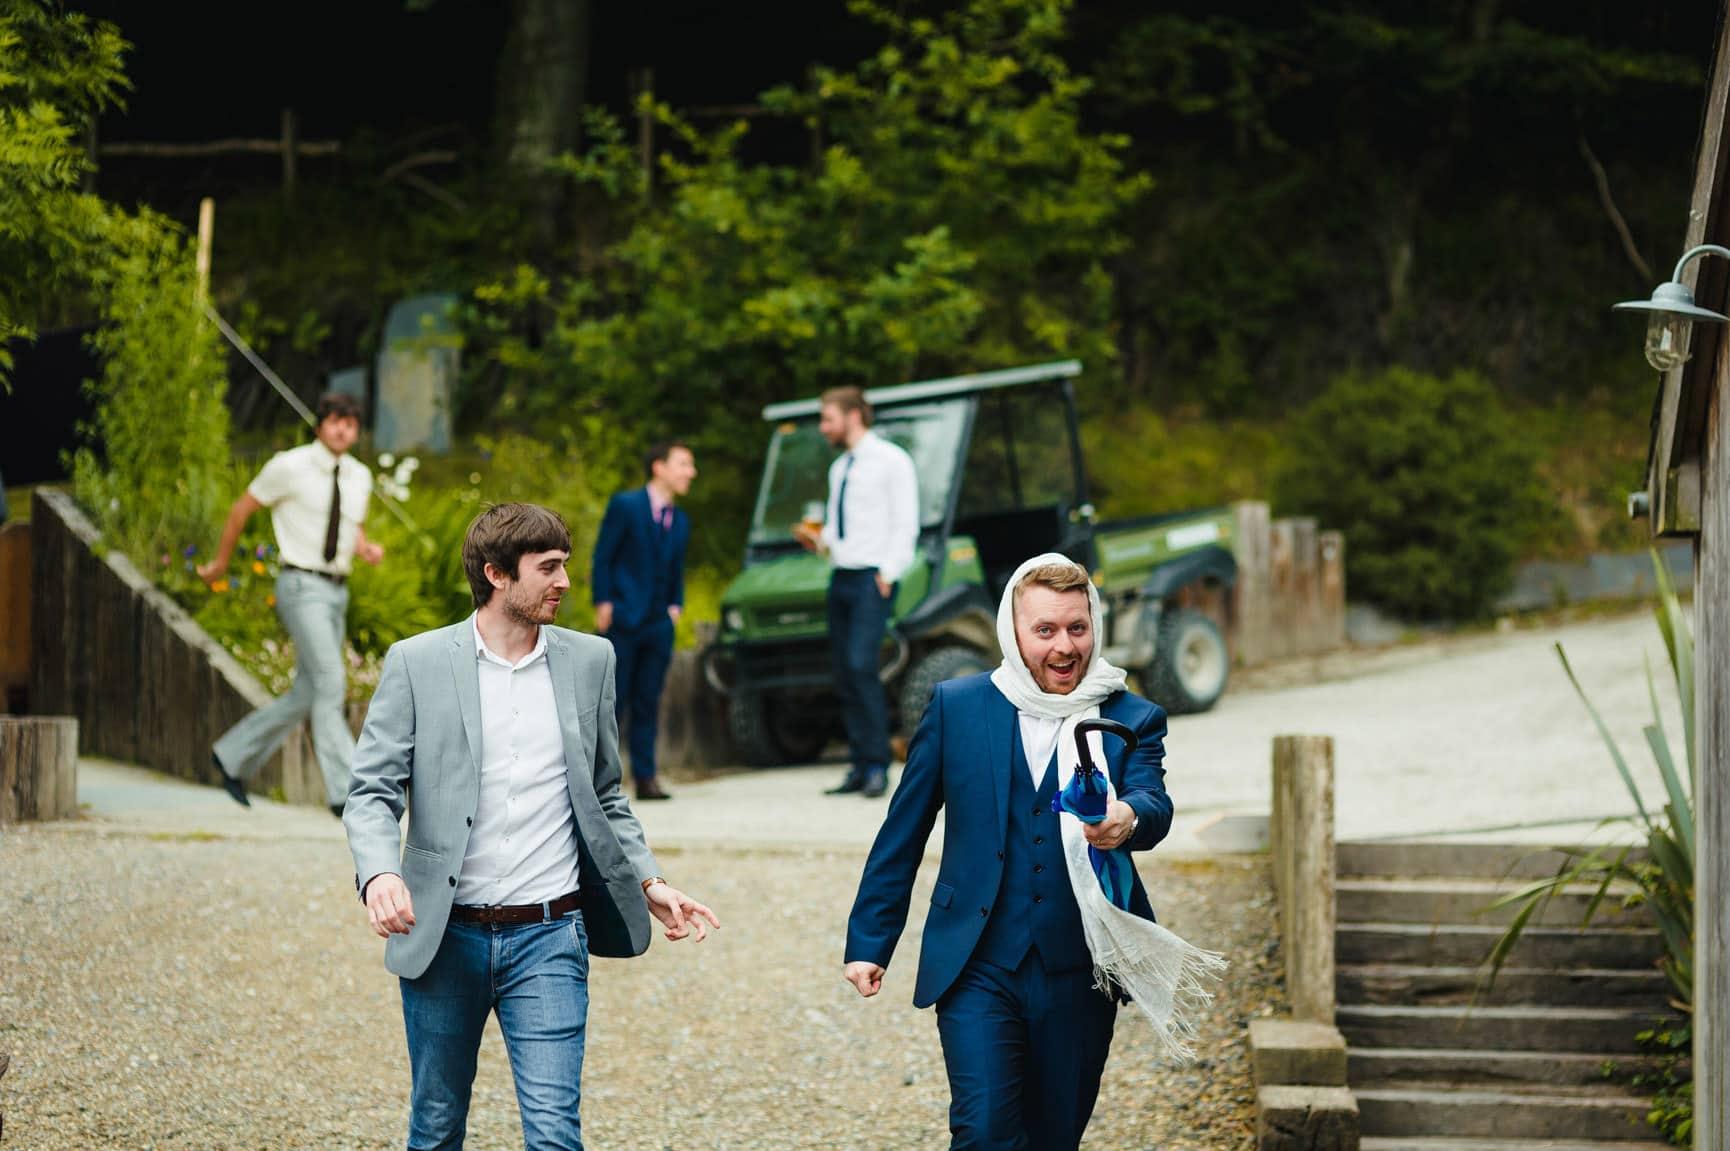 Fforest Wedding, Cardigan, Wales - Lauren and Gareth 169